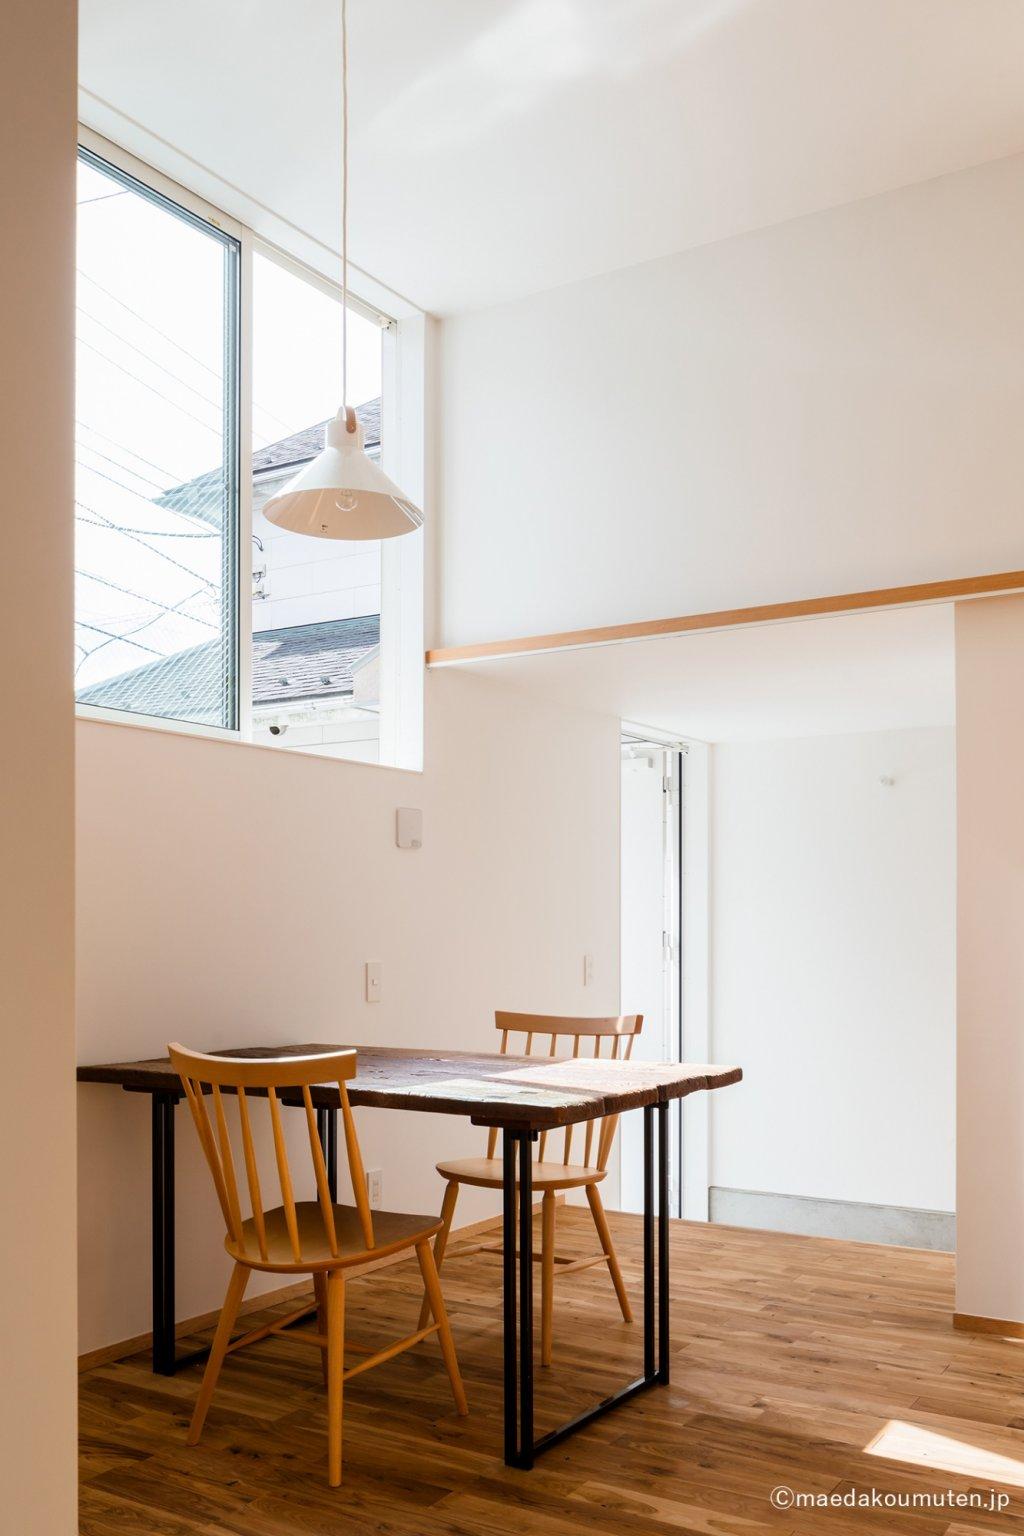 神奈川、工務店、注文住宅、デザイン住宅、建築家、座間の家、07